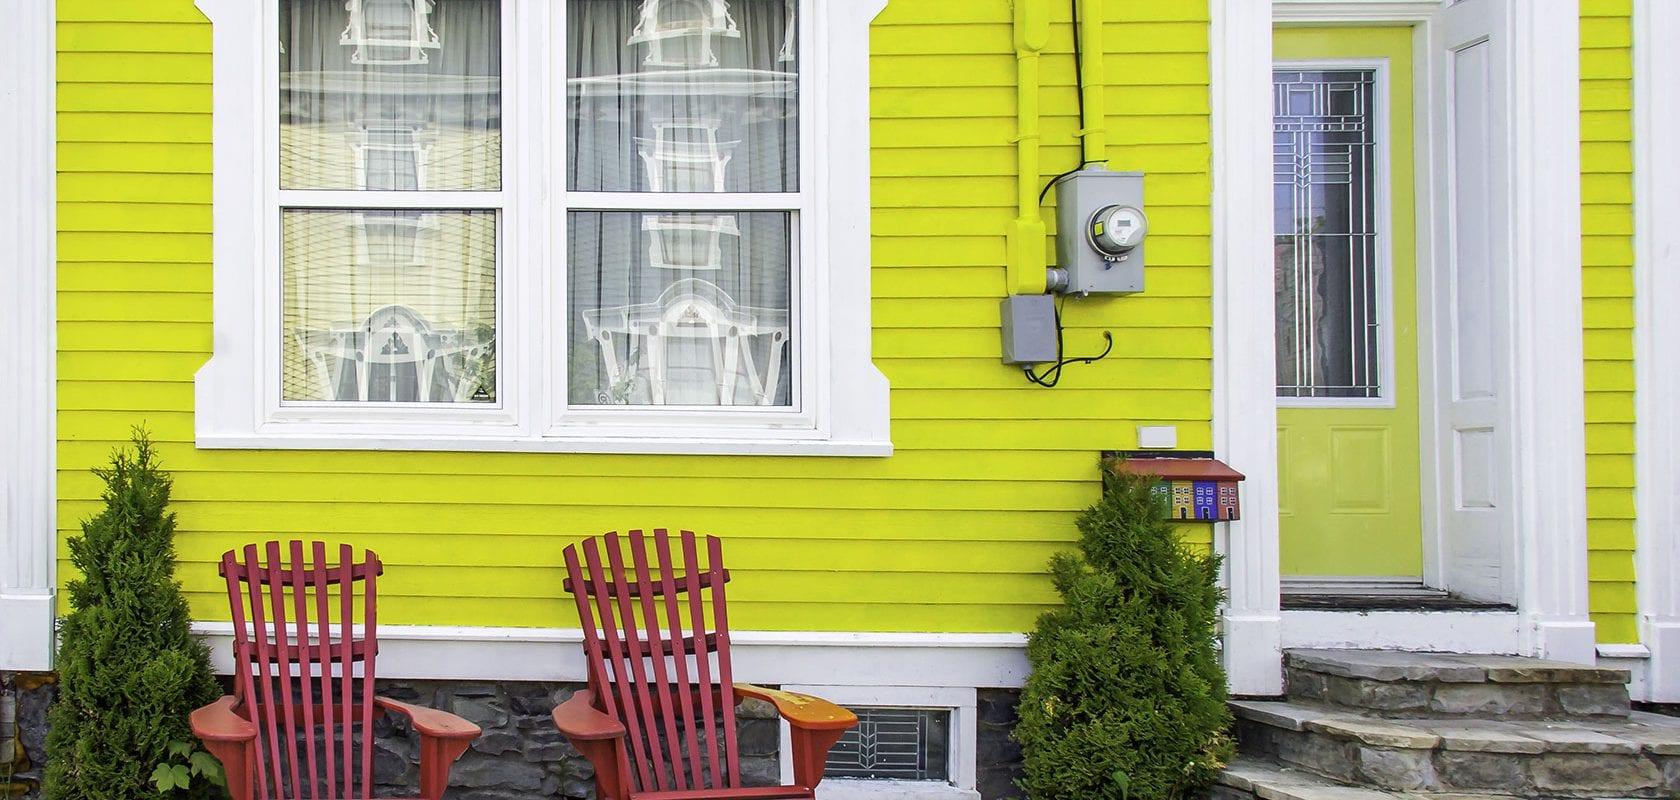 Aura Exterior Paint - Paintshop